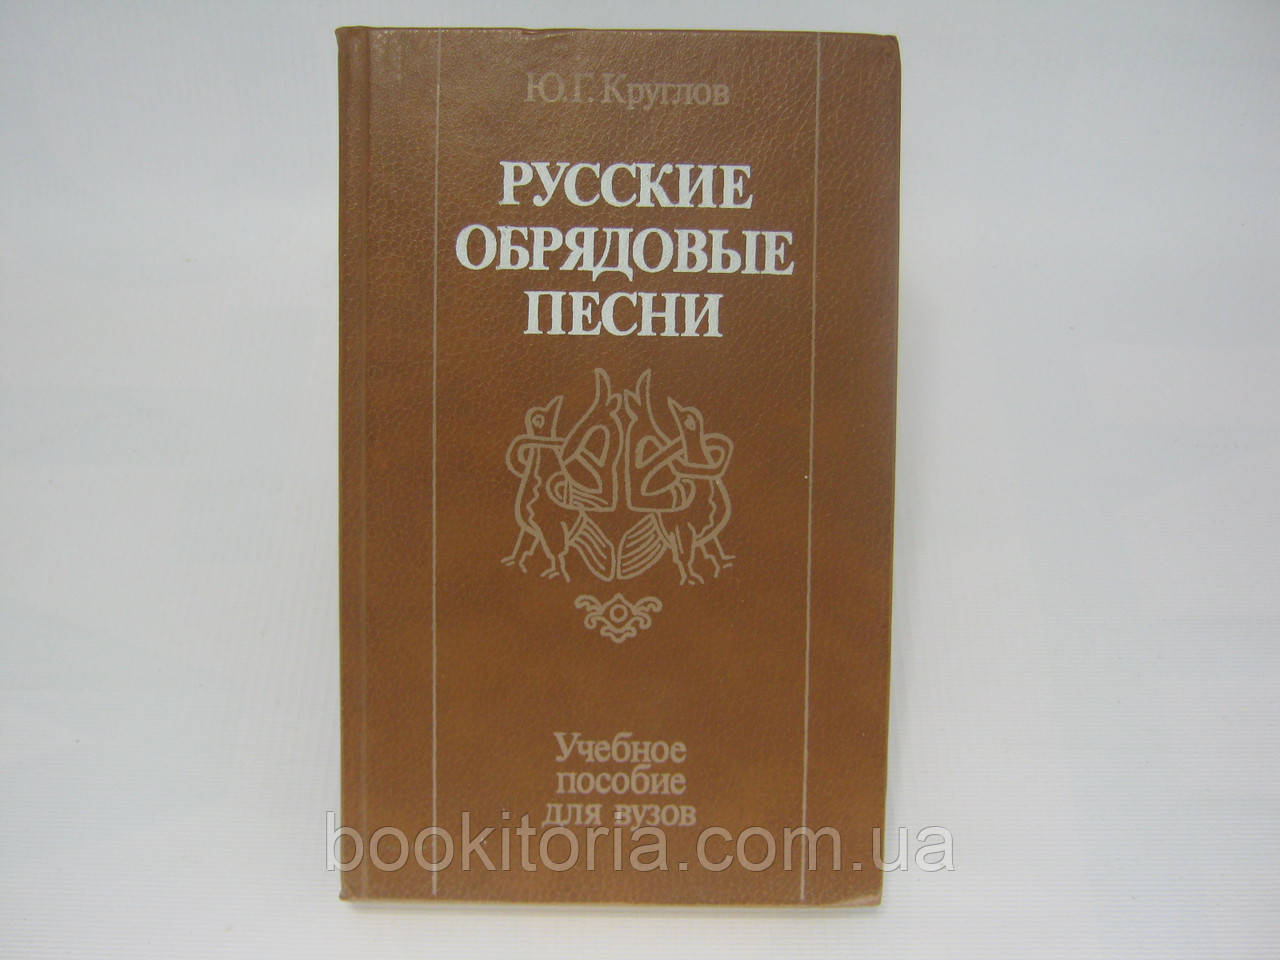 Круглов Ю. Русские обрядовые песни (б/у).